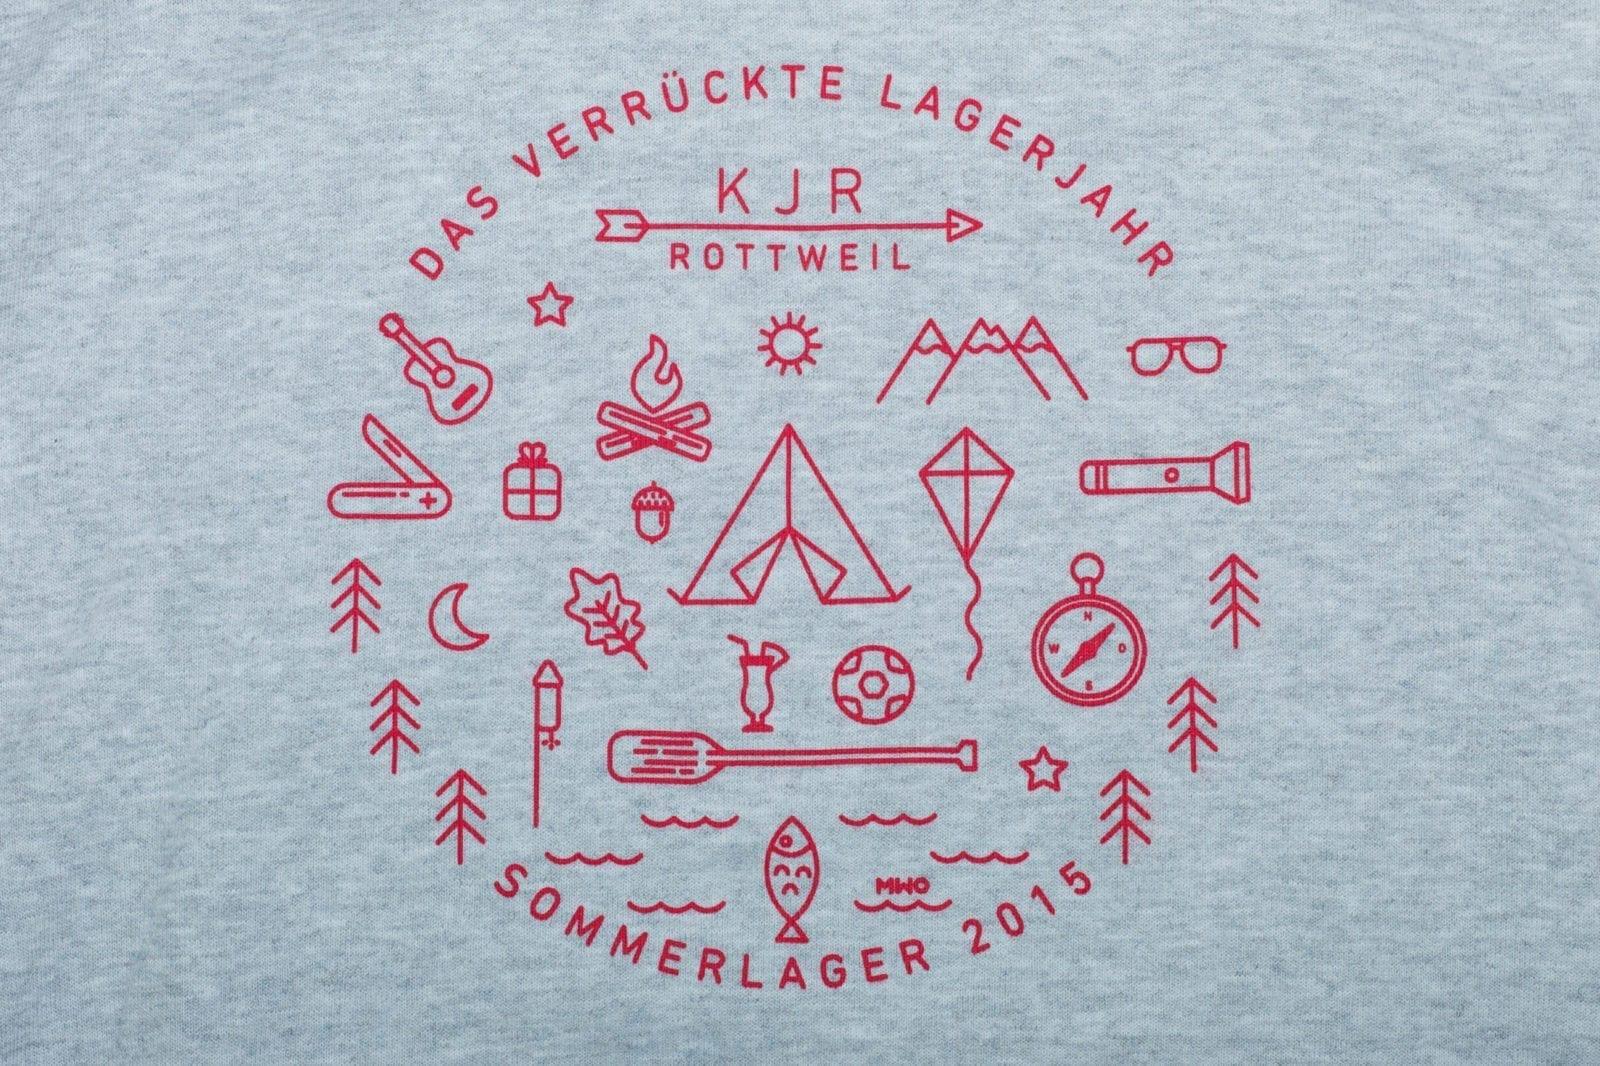 Lager Logo